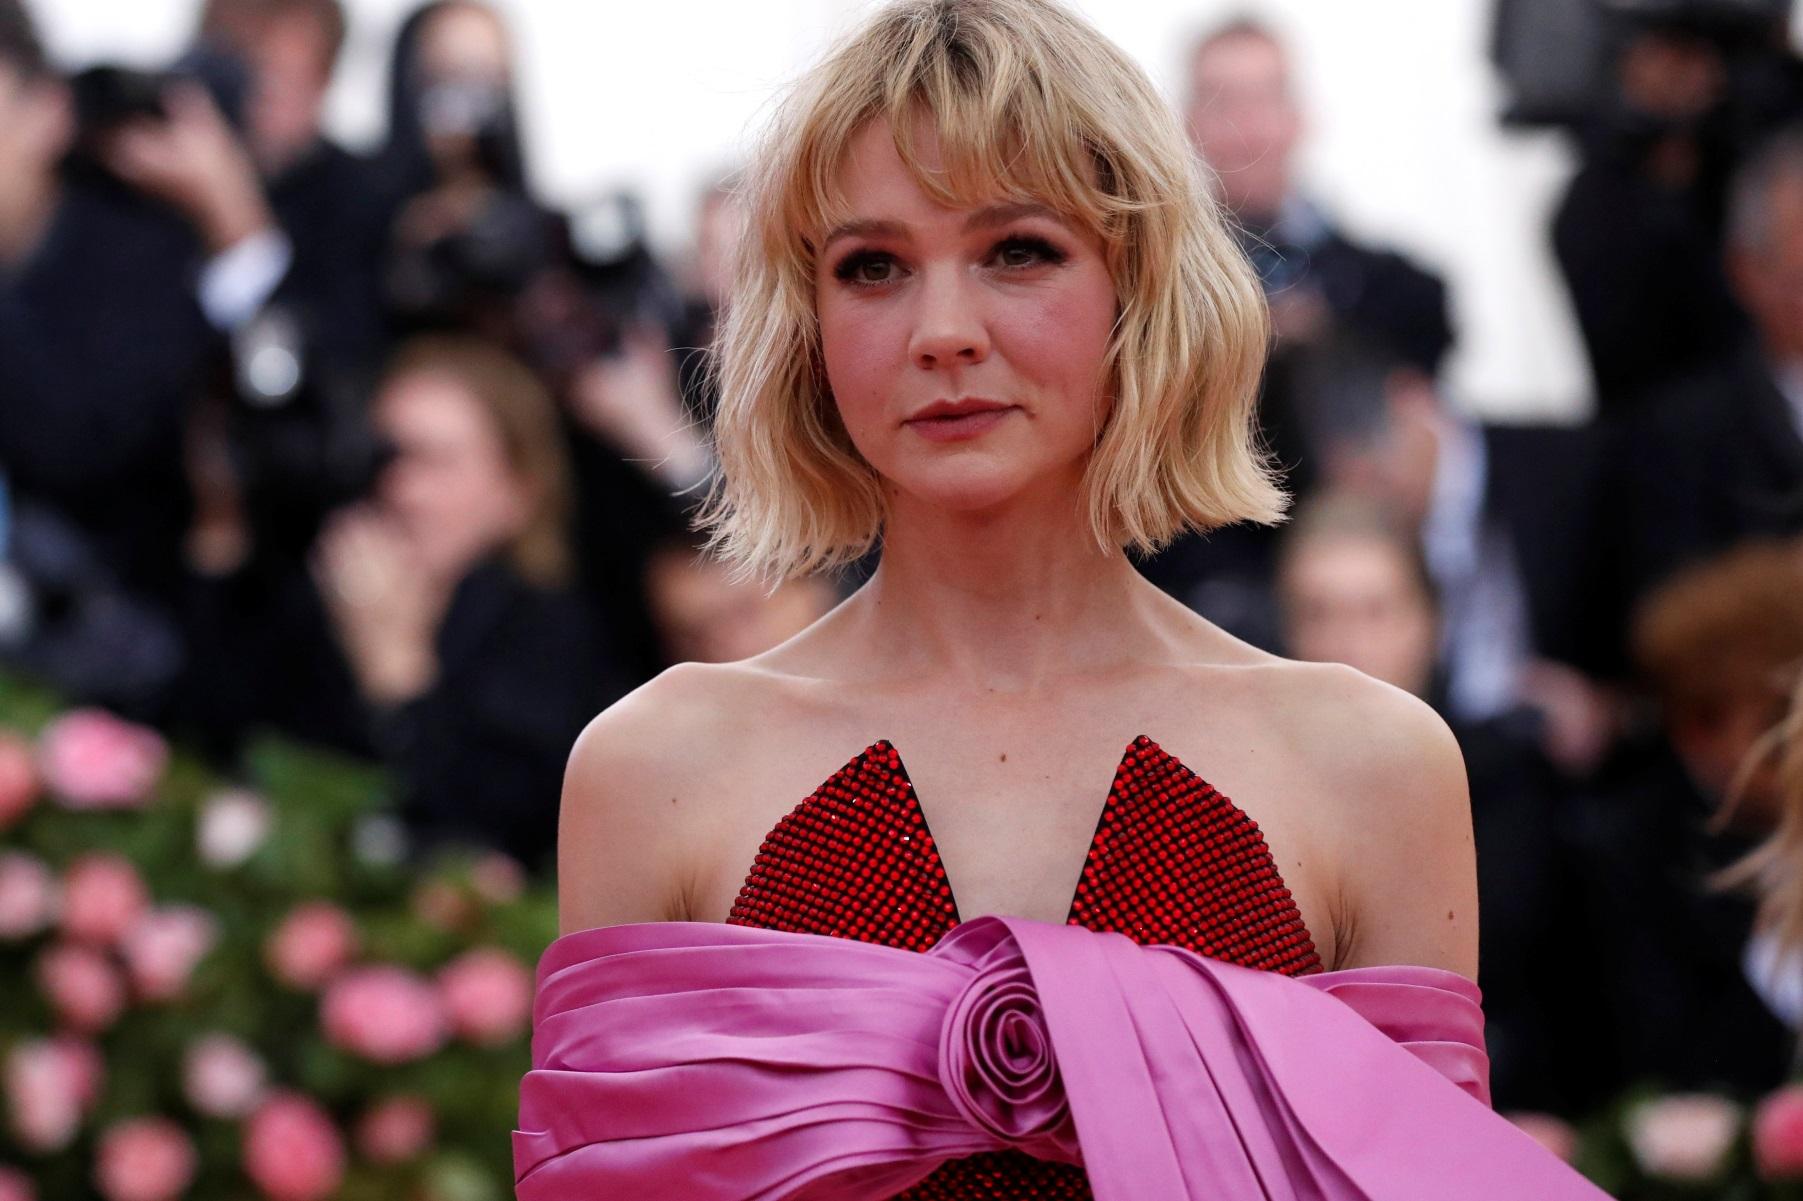 Κάρεϊ Μάλιγκαν: Πρωταγωνιστεί στην πρώτη ταινία για το σεξουαλικό σκάνδαλο Γουάινστιν (video)